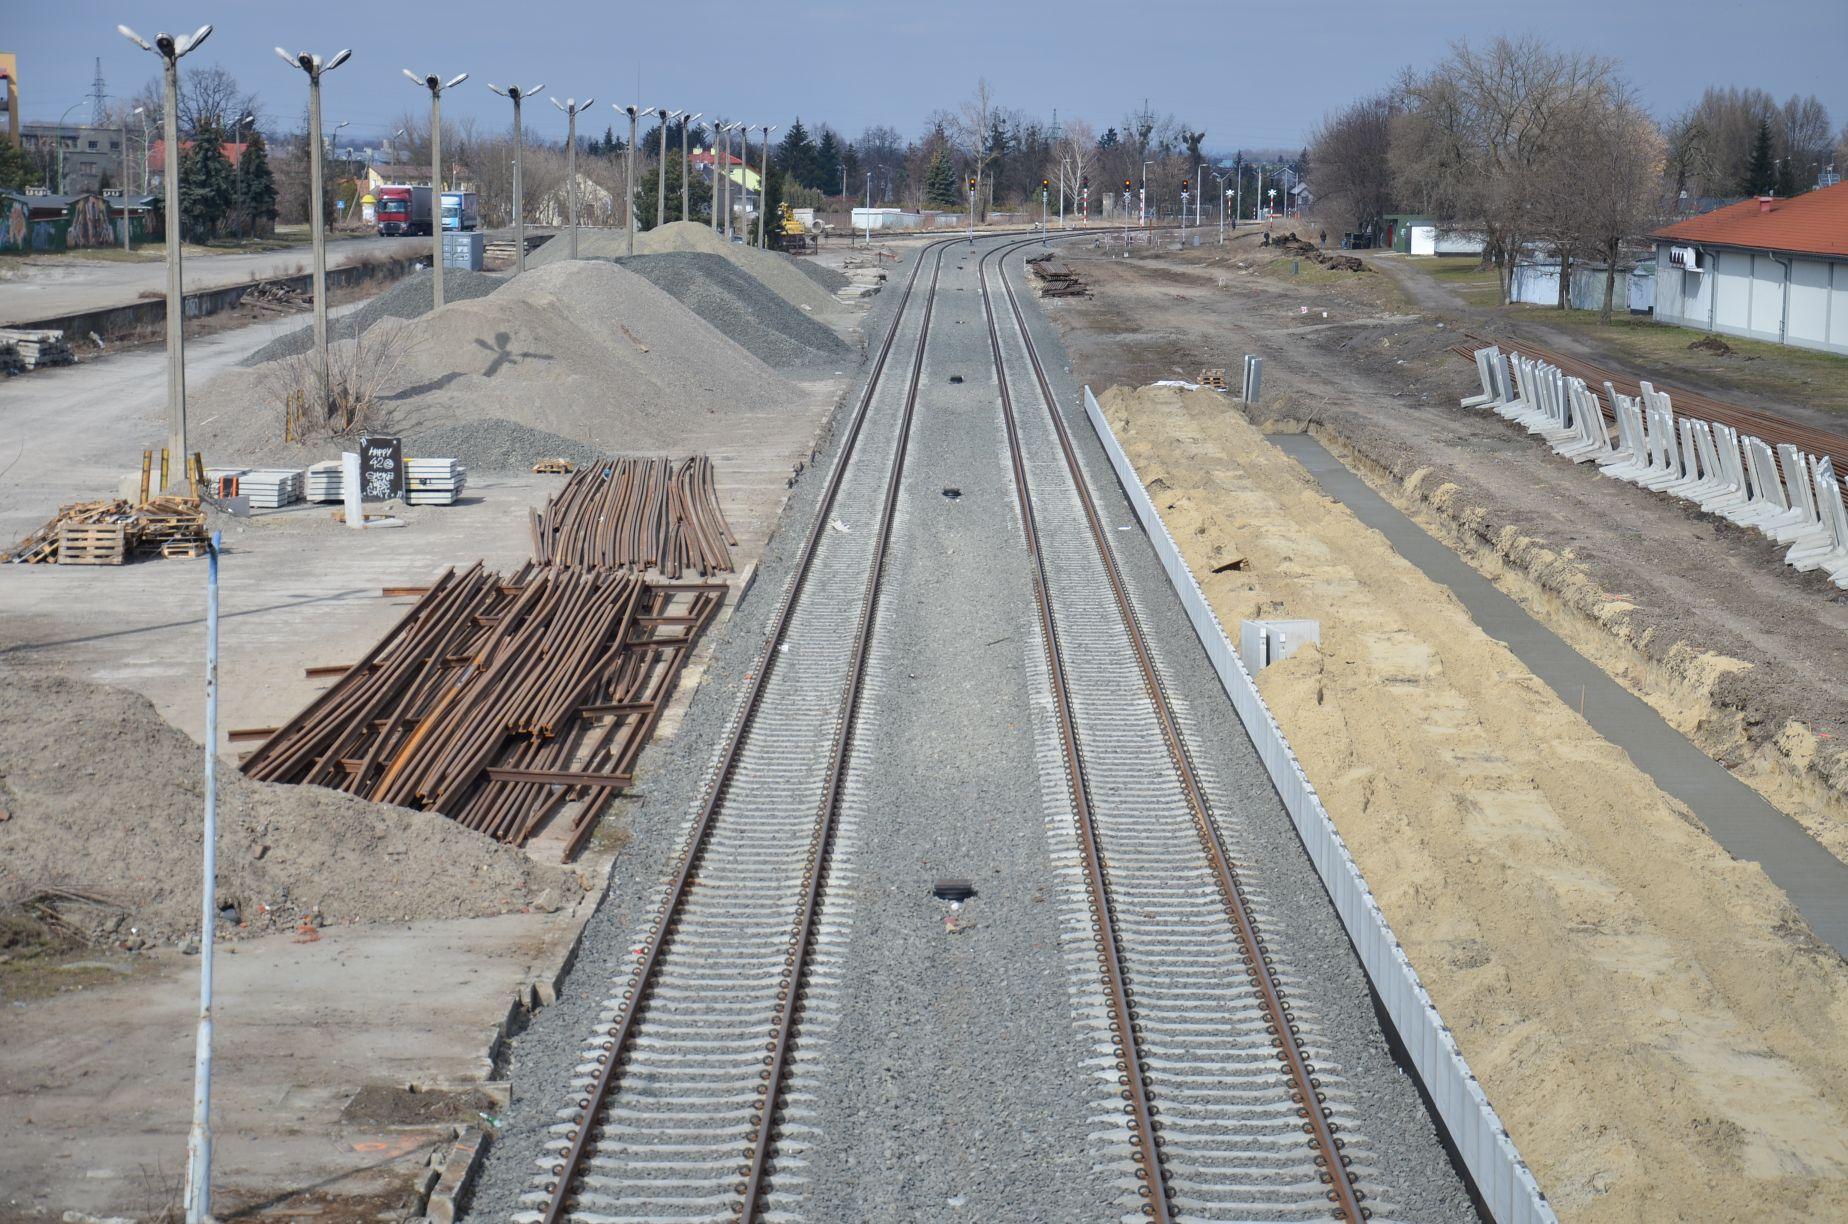 Mielecka stacja kolejowa